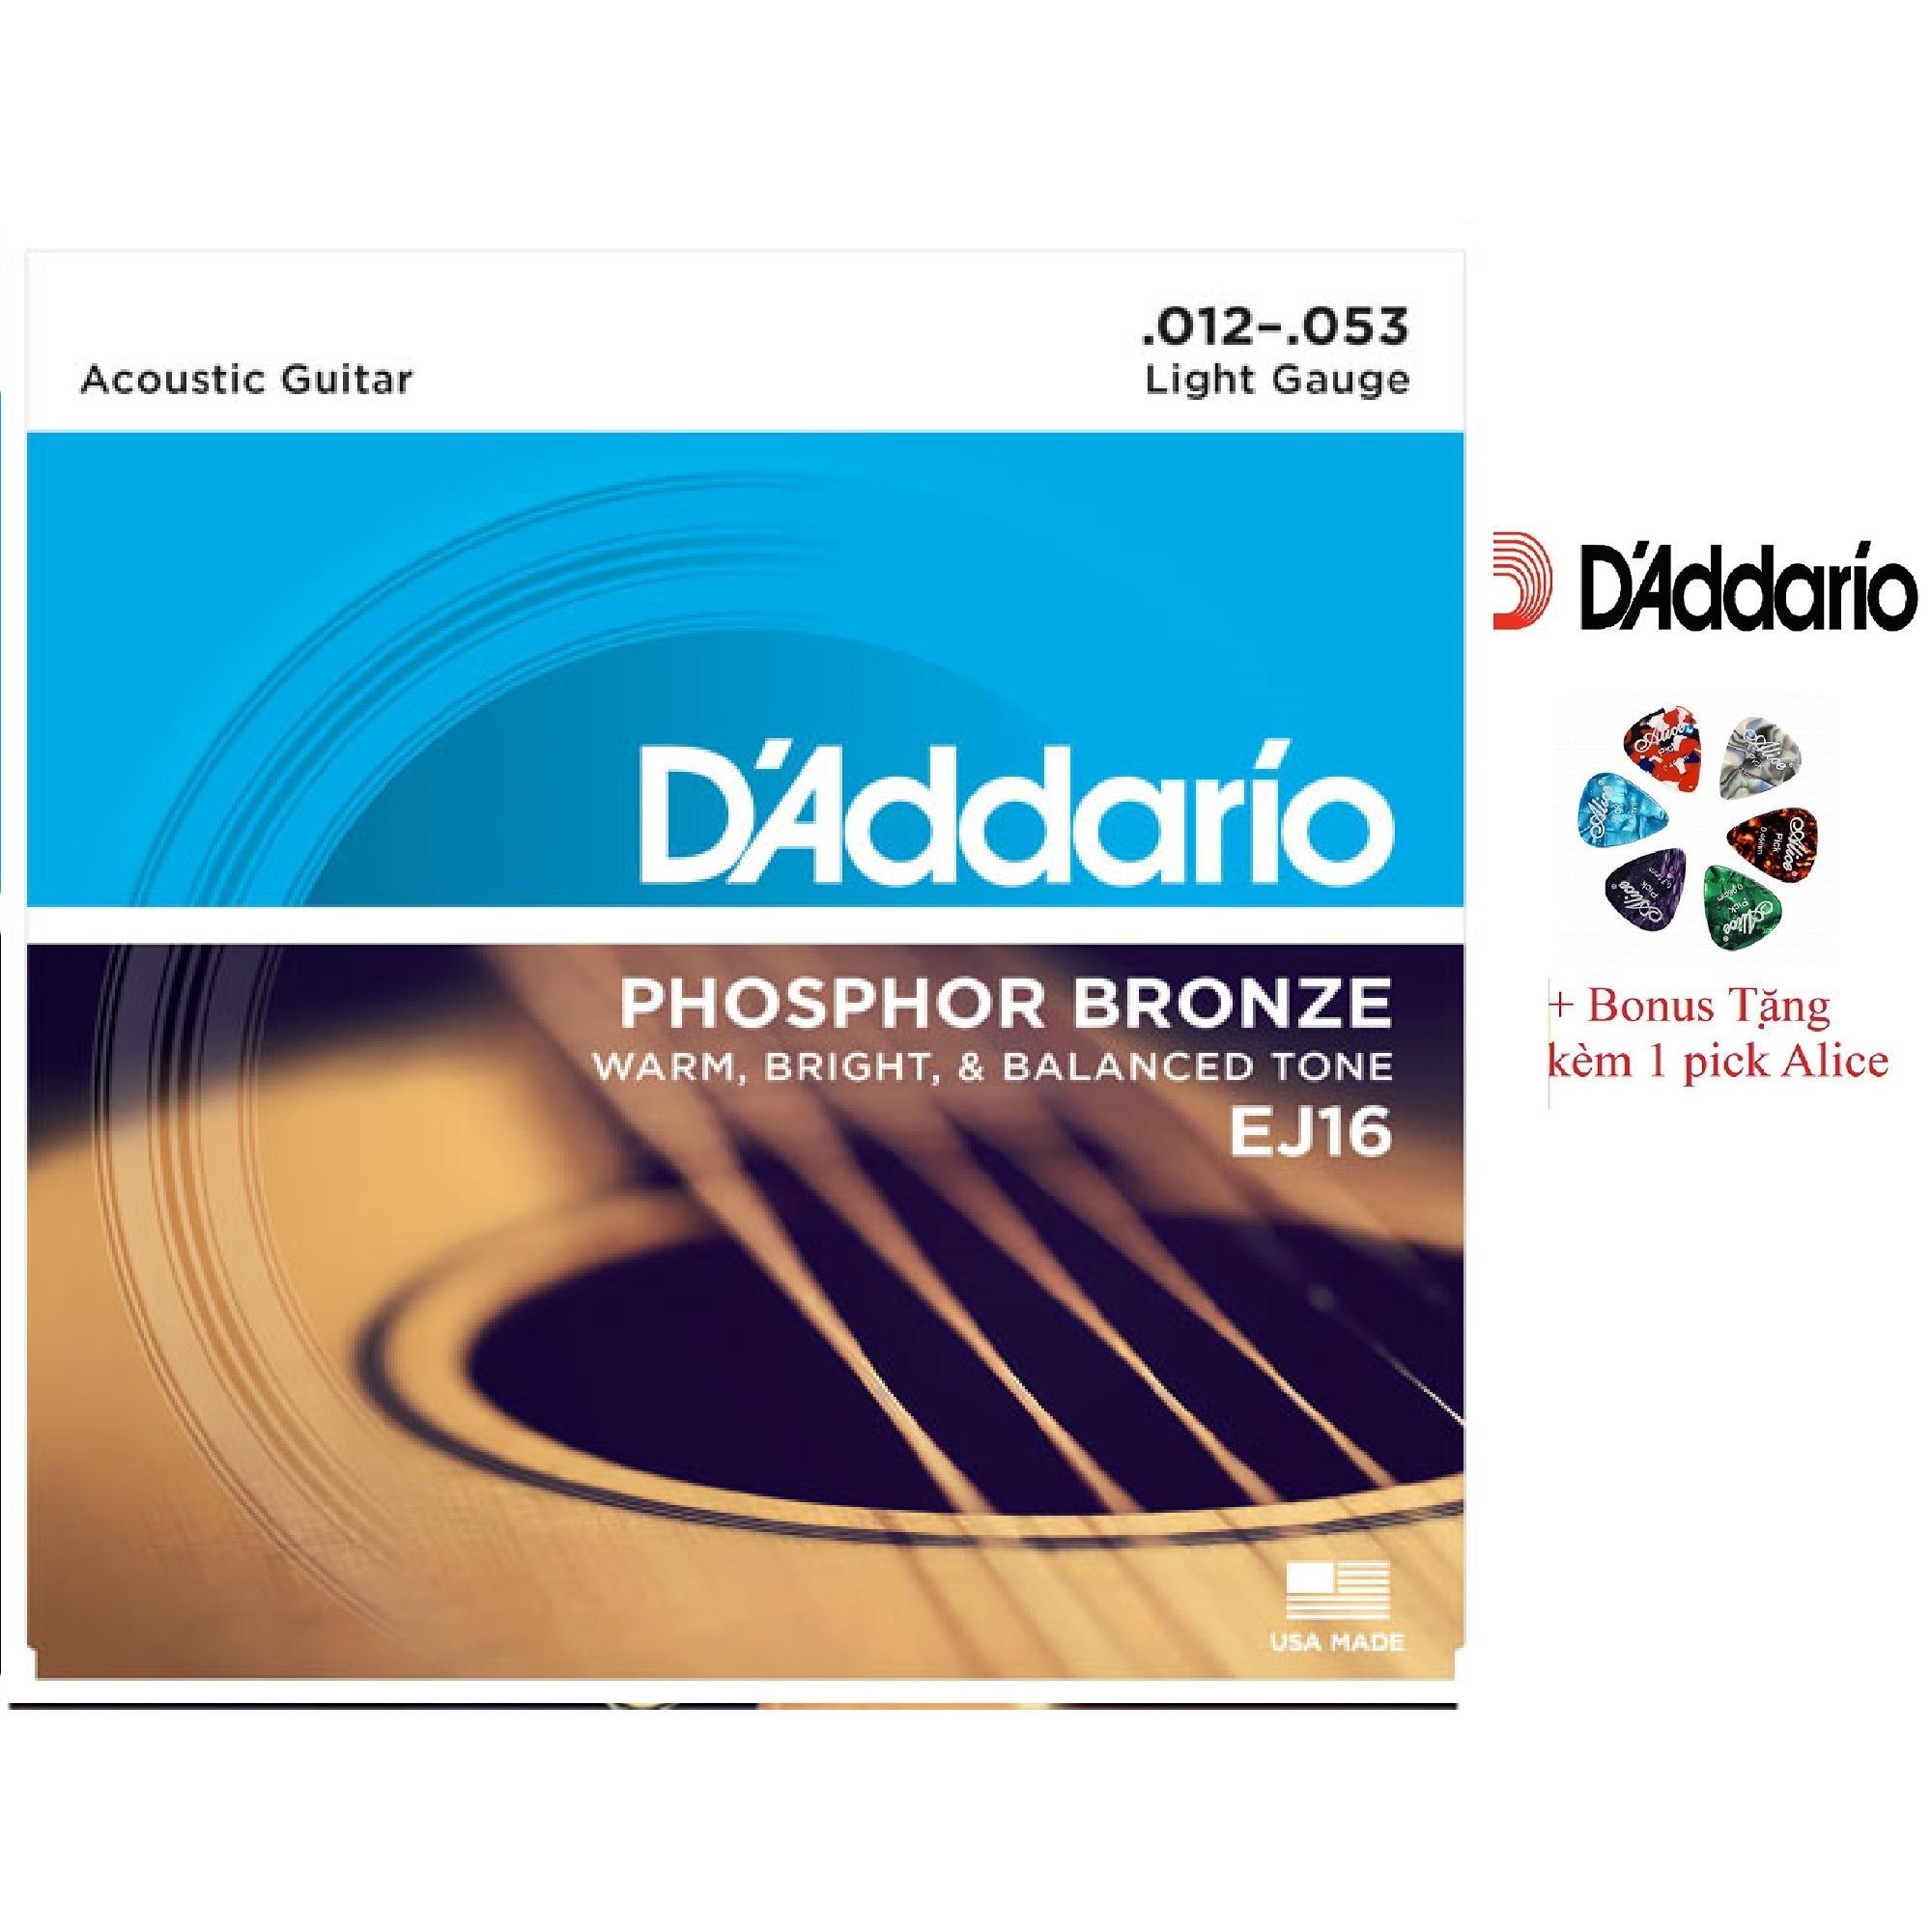 Bán Bộ Hộp 6 Day Đan Guitar Acoustic D Addario Ej16 Cao Cấp Pick Alice Cỡ 12 Có Thương Hiệu Nguyên